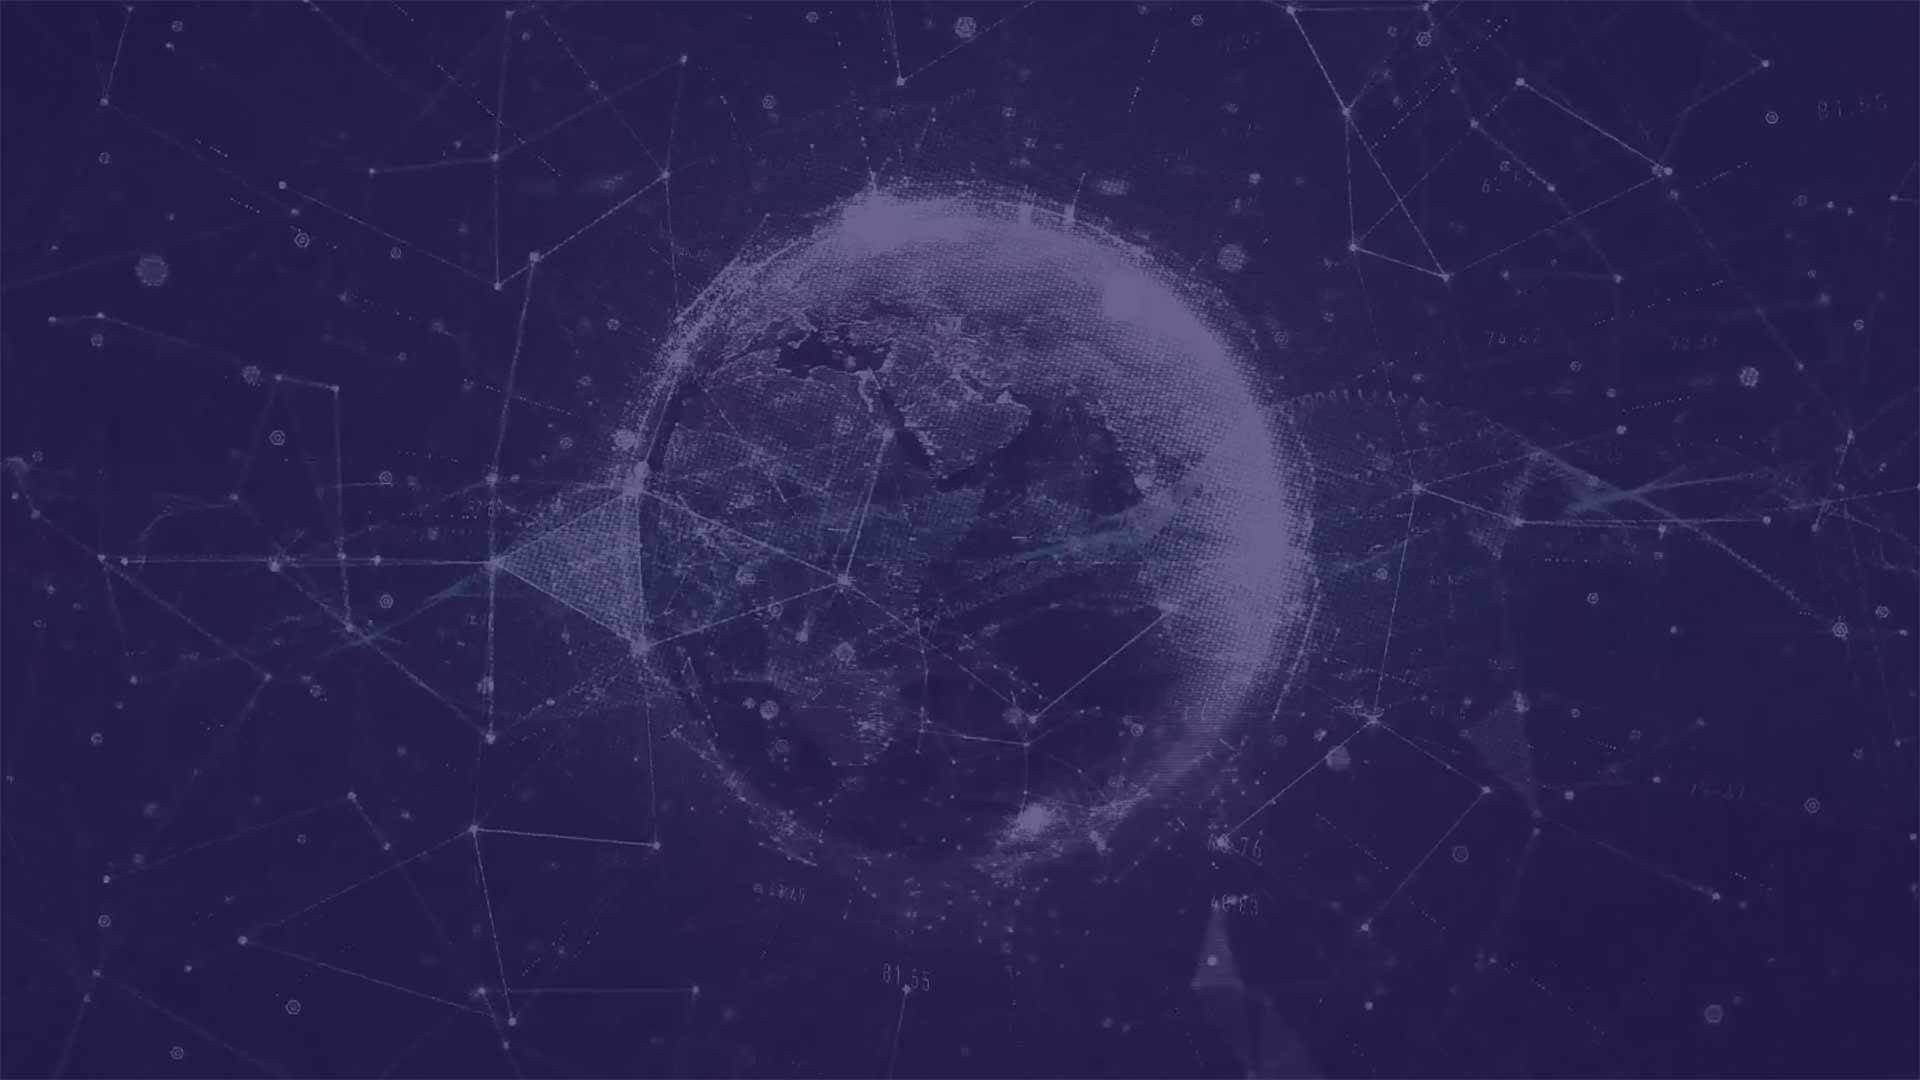 intelligence artificielle en ligne datant la forme Freeplay Sims une relation de datation Görevi